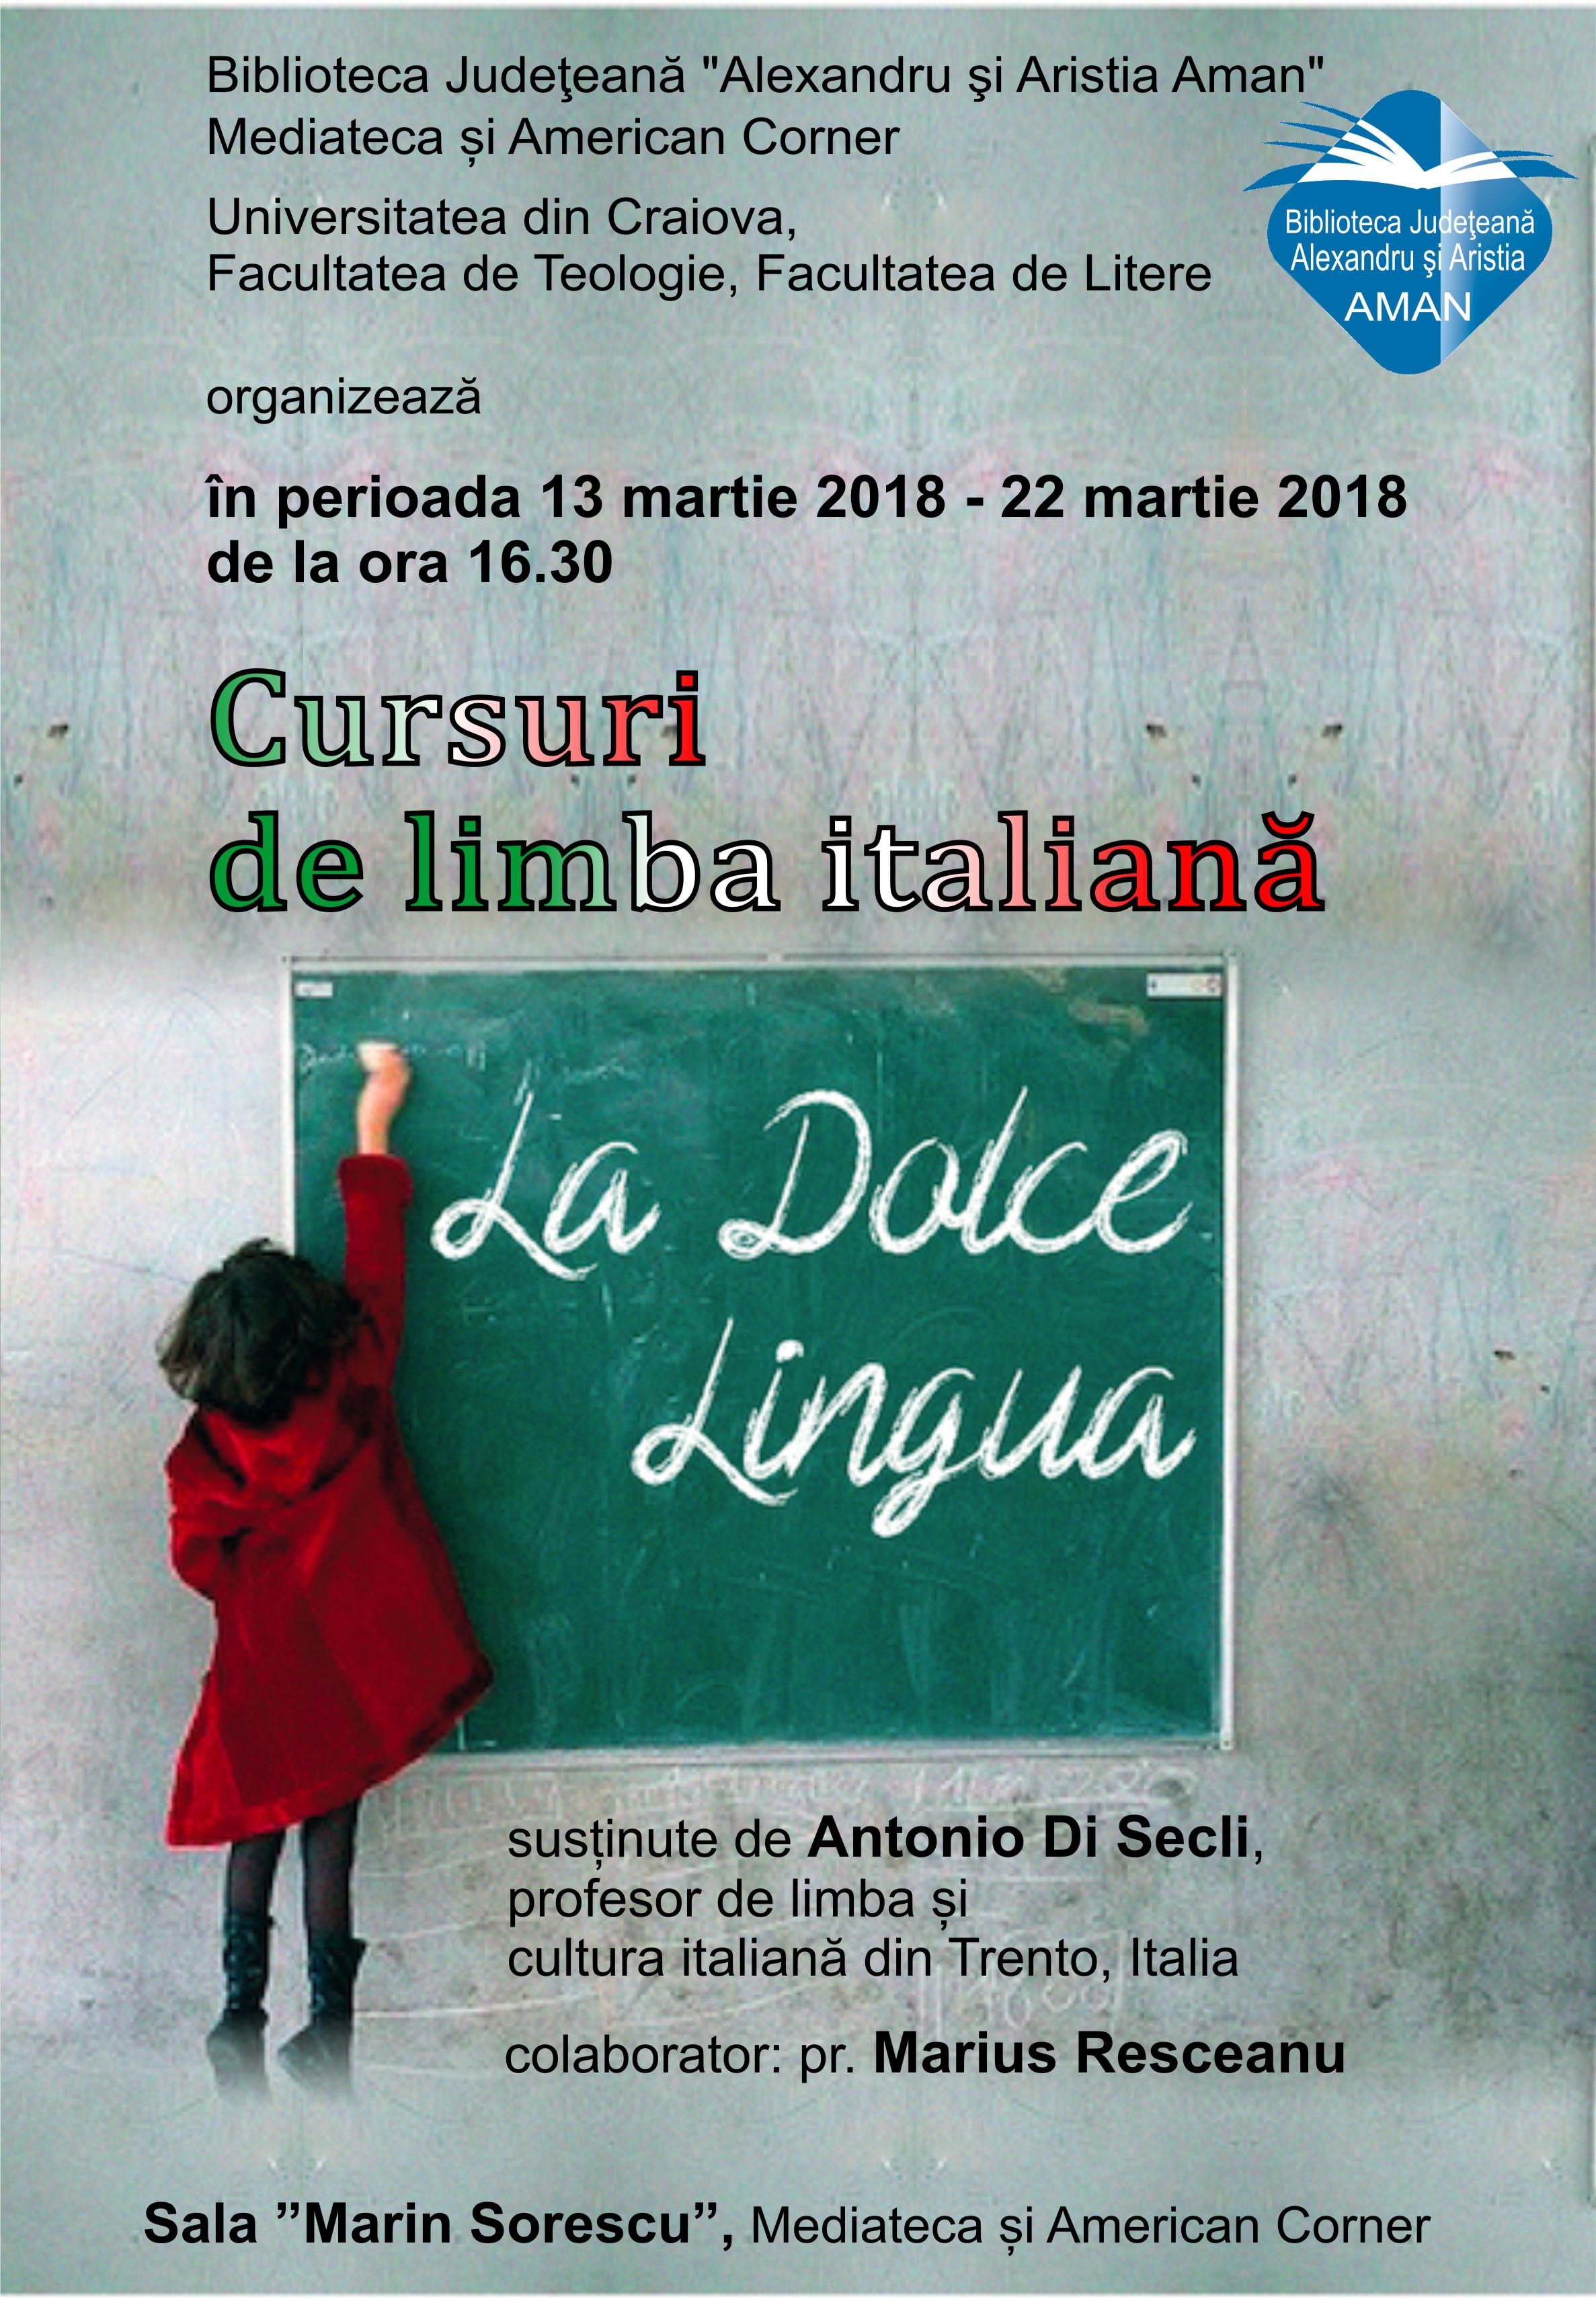 Cursuri gratuite de limba italiană, Craiova